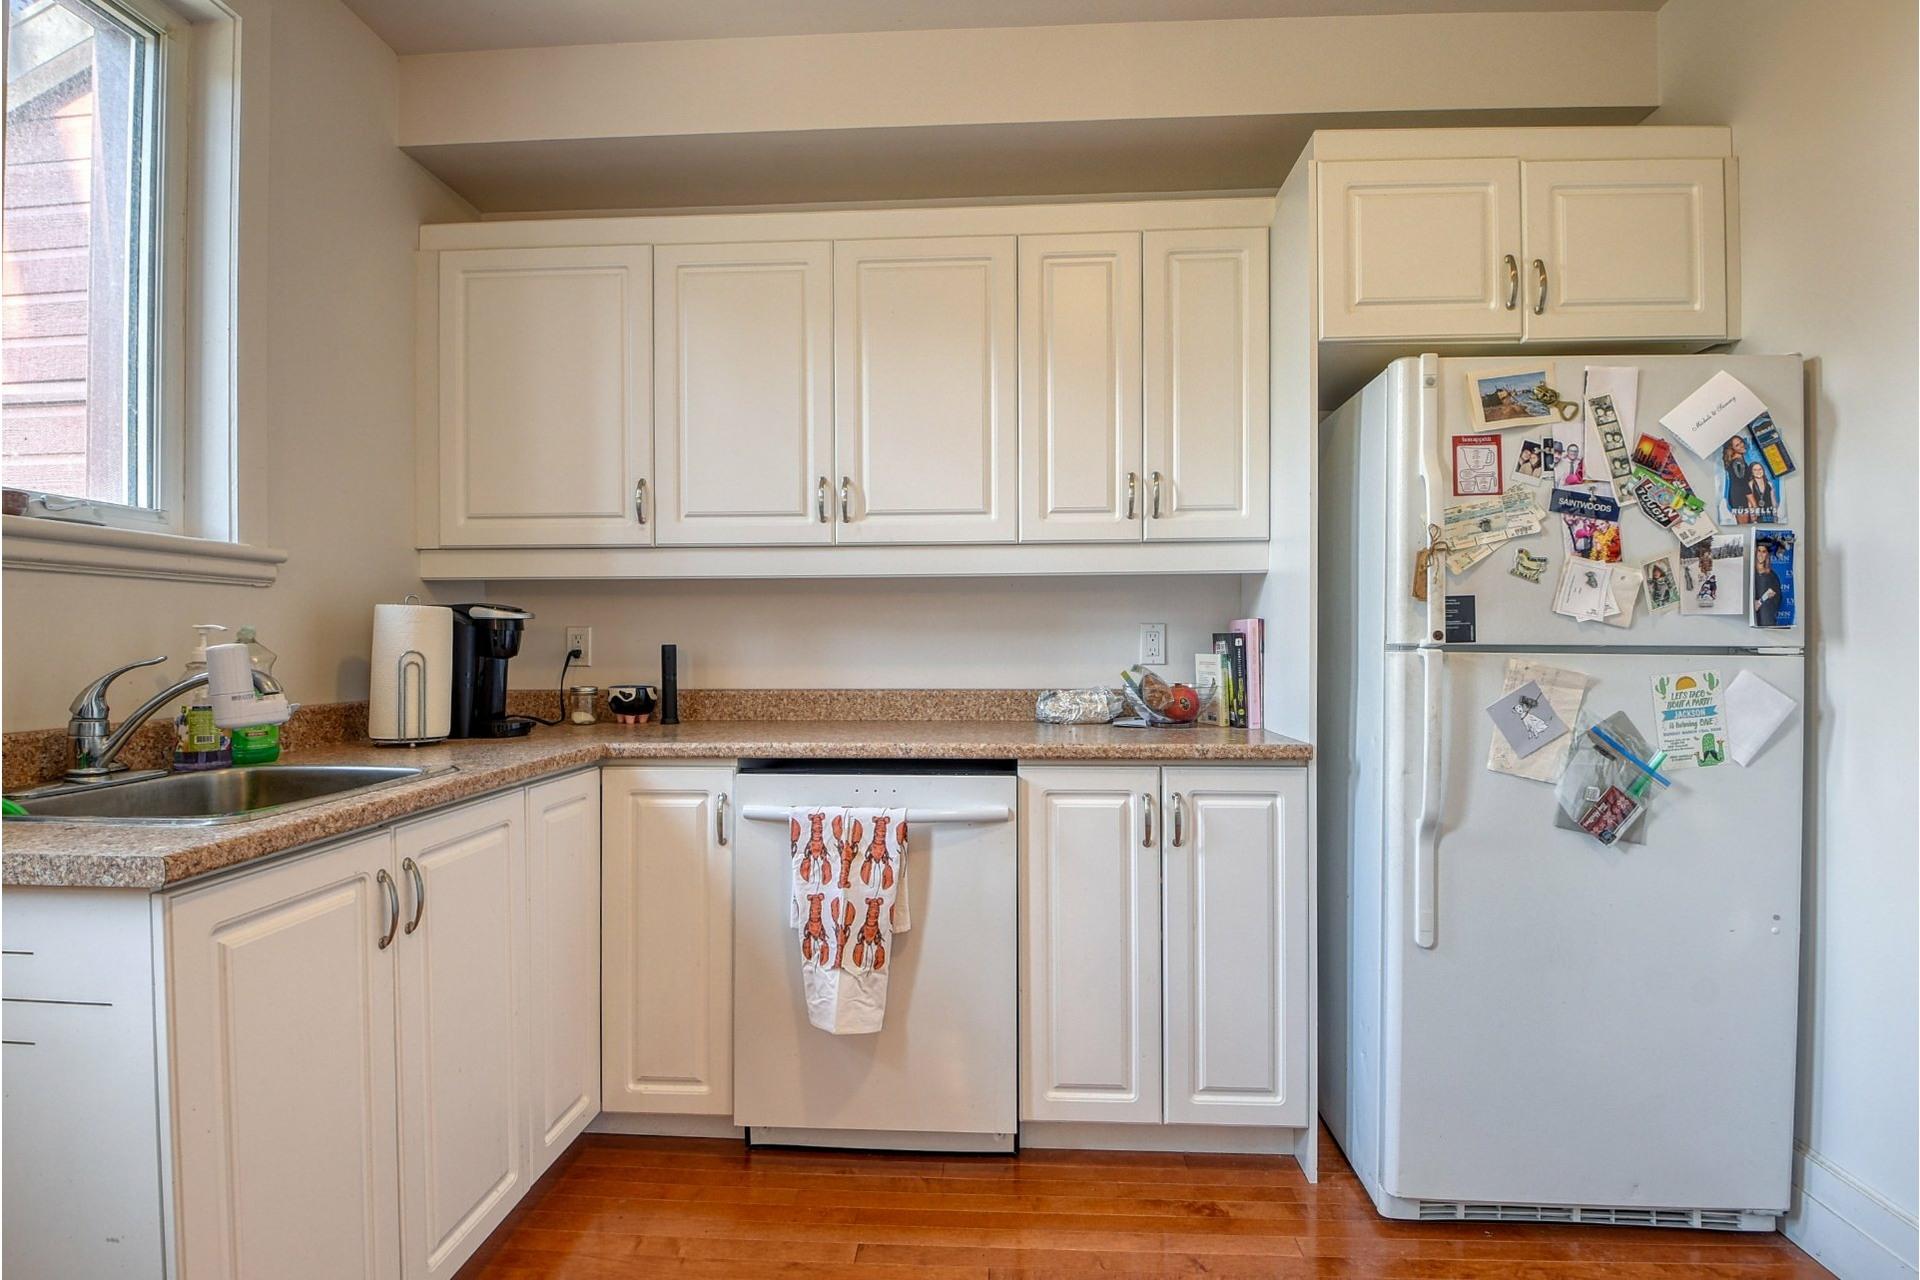 image 11 - Apartment For rent Côte-des-Neiges/Notre-Dame-de-Grâce Montréal  - 6 rooms